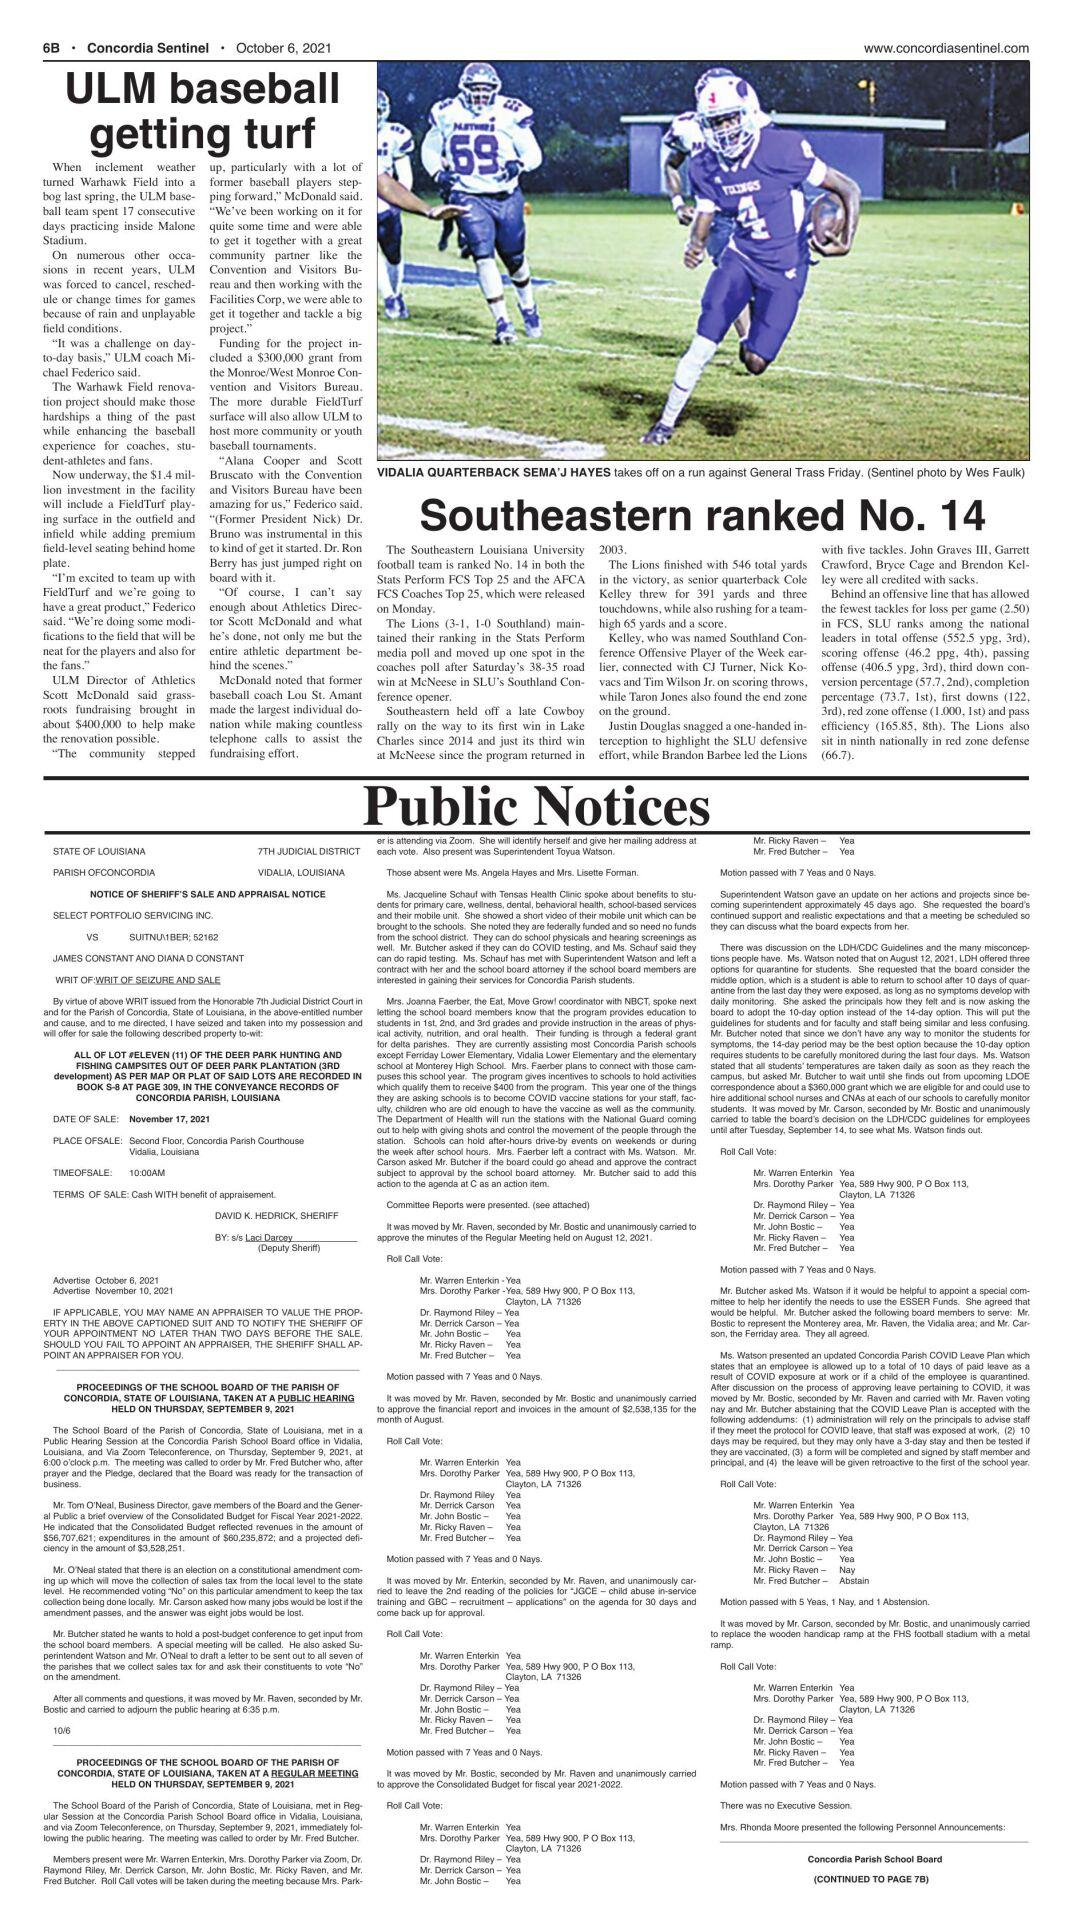 Public Notices - October 6, 2021